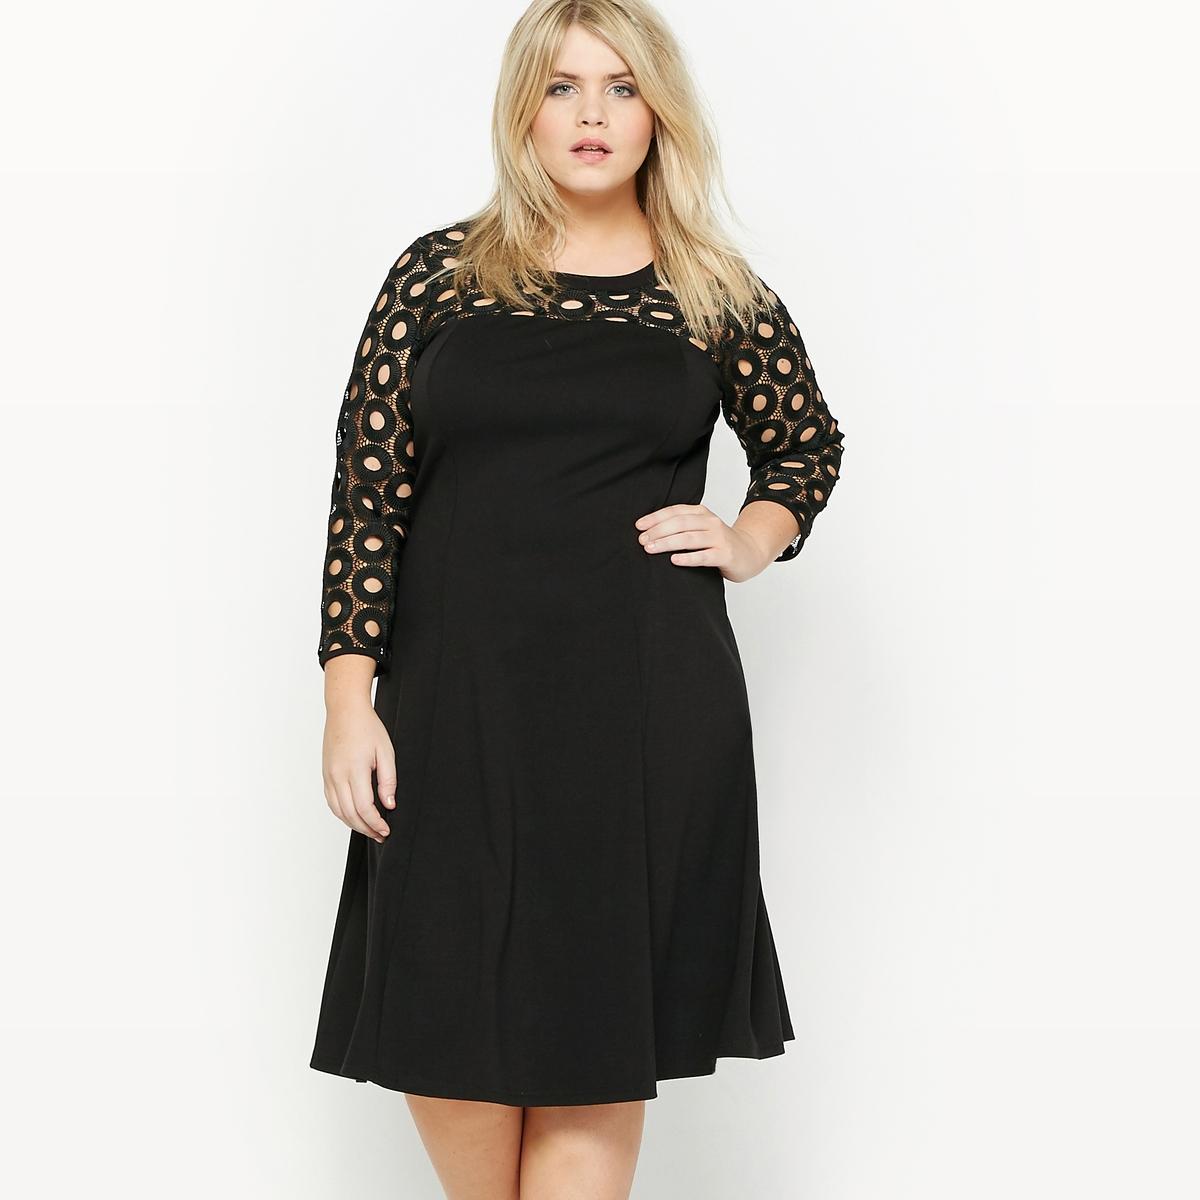 Платье из трикотажа, верх из гипюраСостав и описание :Материал : трикотаж, 75% полиэстера, 20% вискозы, 5% эластана, гипюр, 100% полиэстер. Длина : 100 см.Марка : CASTALUNAУход : Машинная стирка при 40 °С.<br><br>Цвет: черный